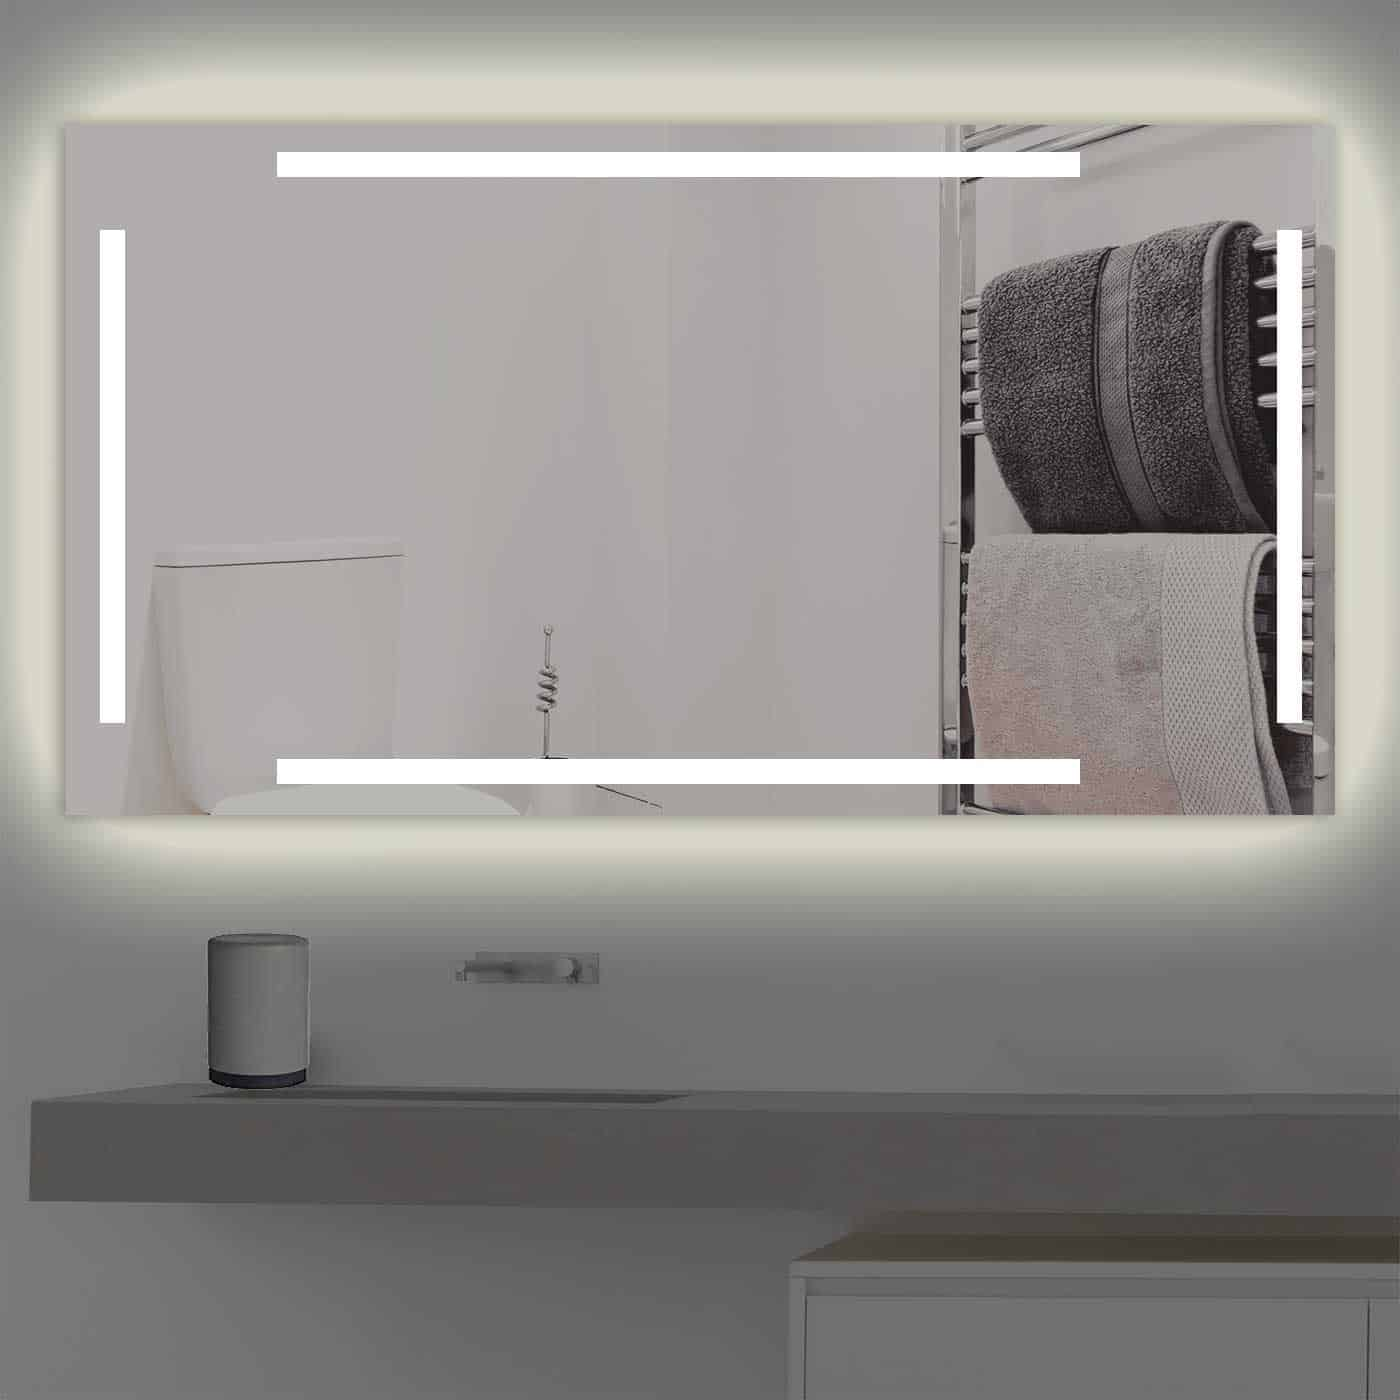 Badspiegel LED beleuchtet vier schmalen Streifen   K 221 warmweiss